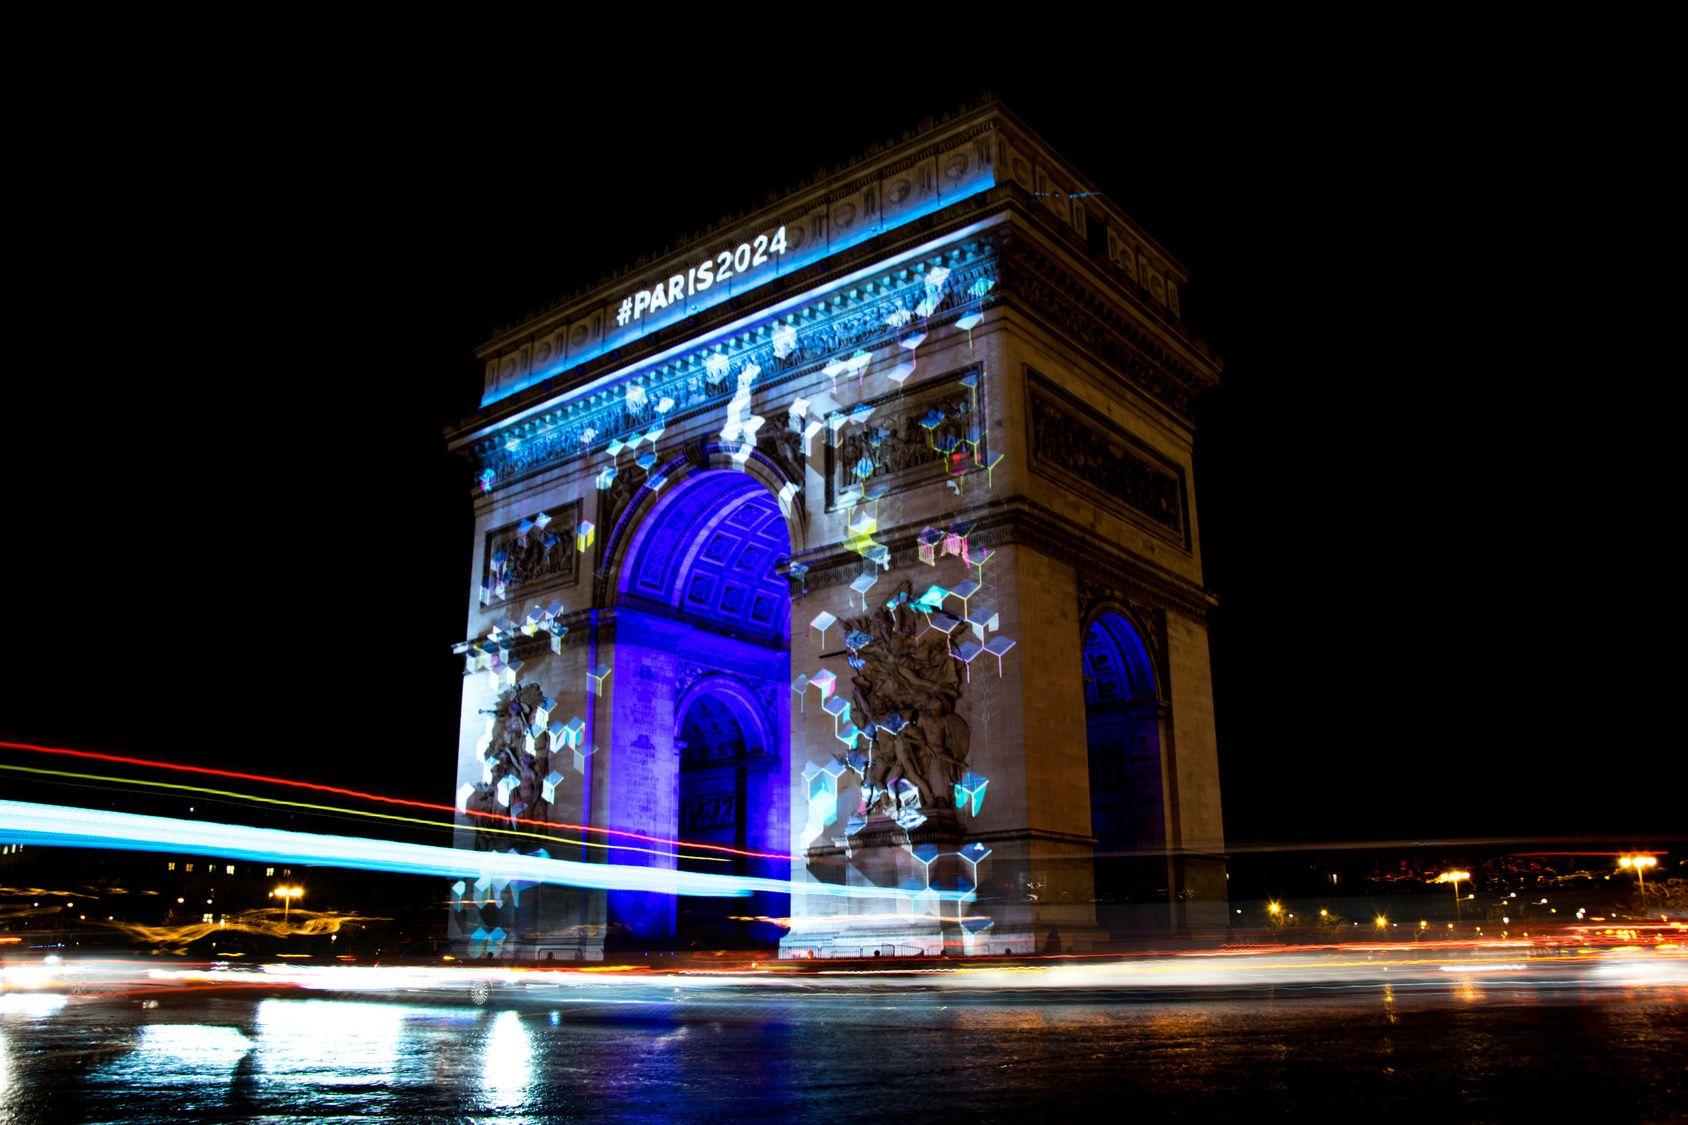 investir dans l'immobilier paris